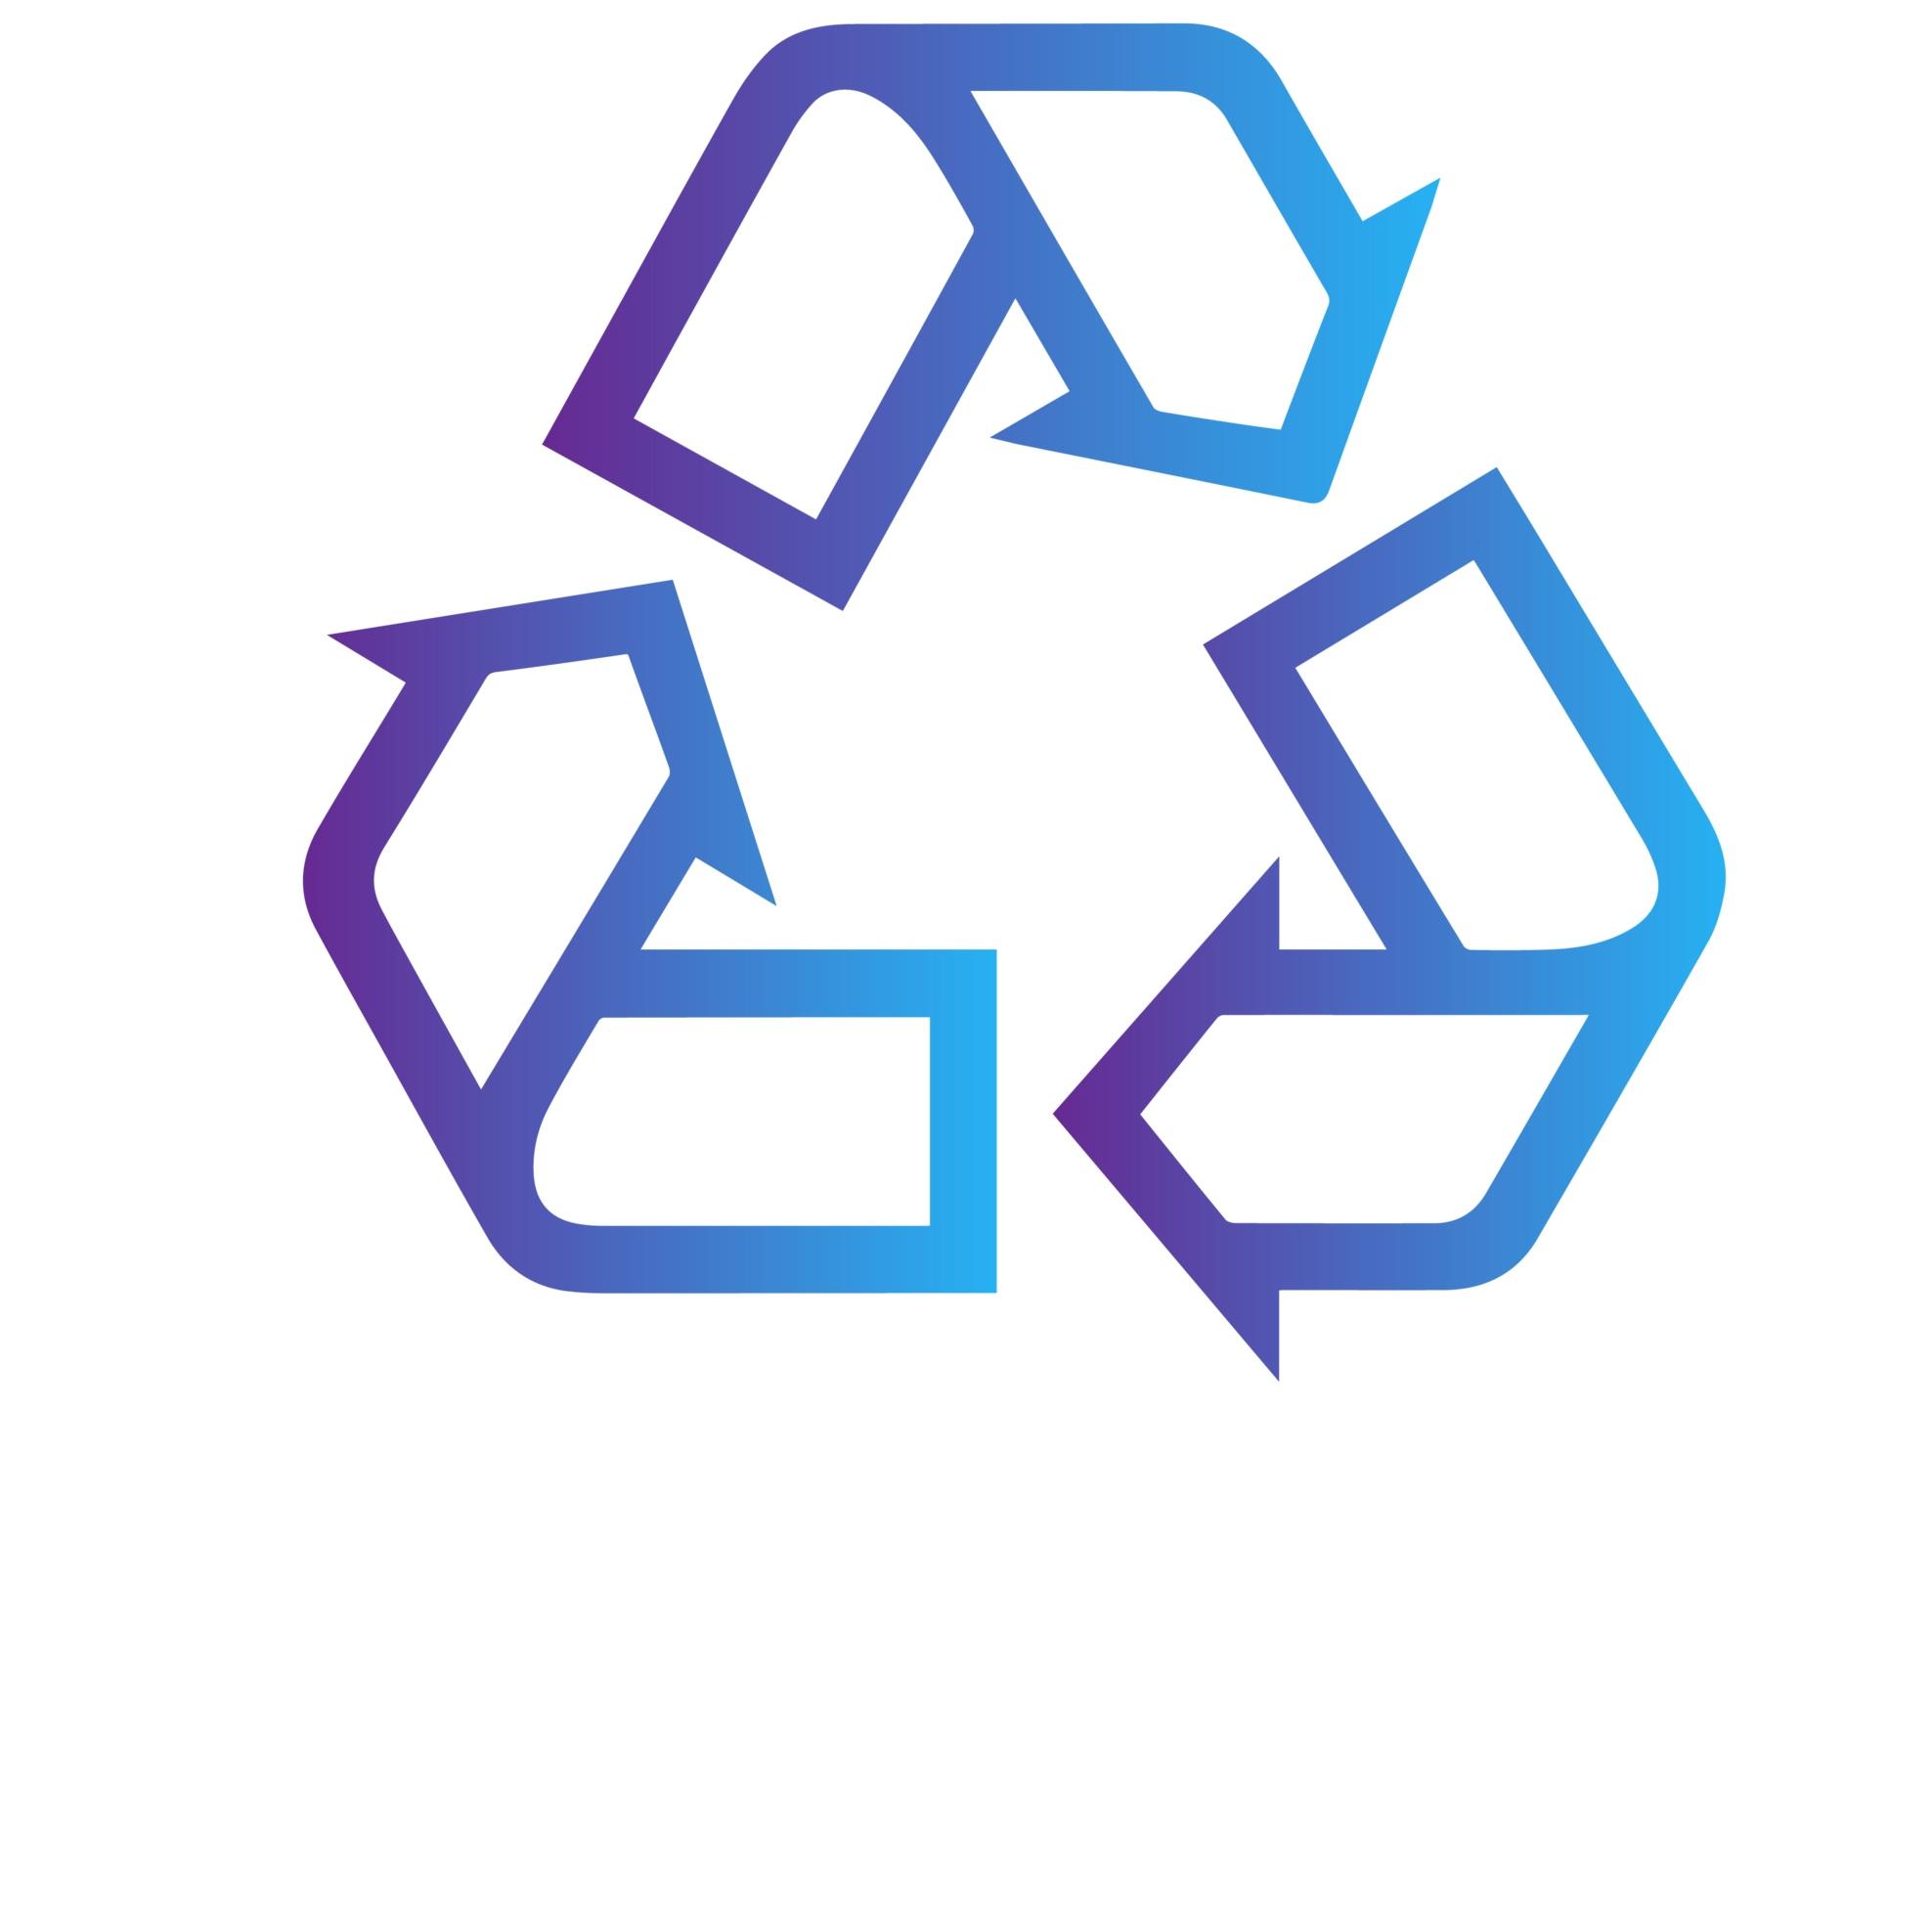 Recycle-03.jpg